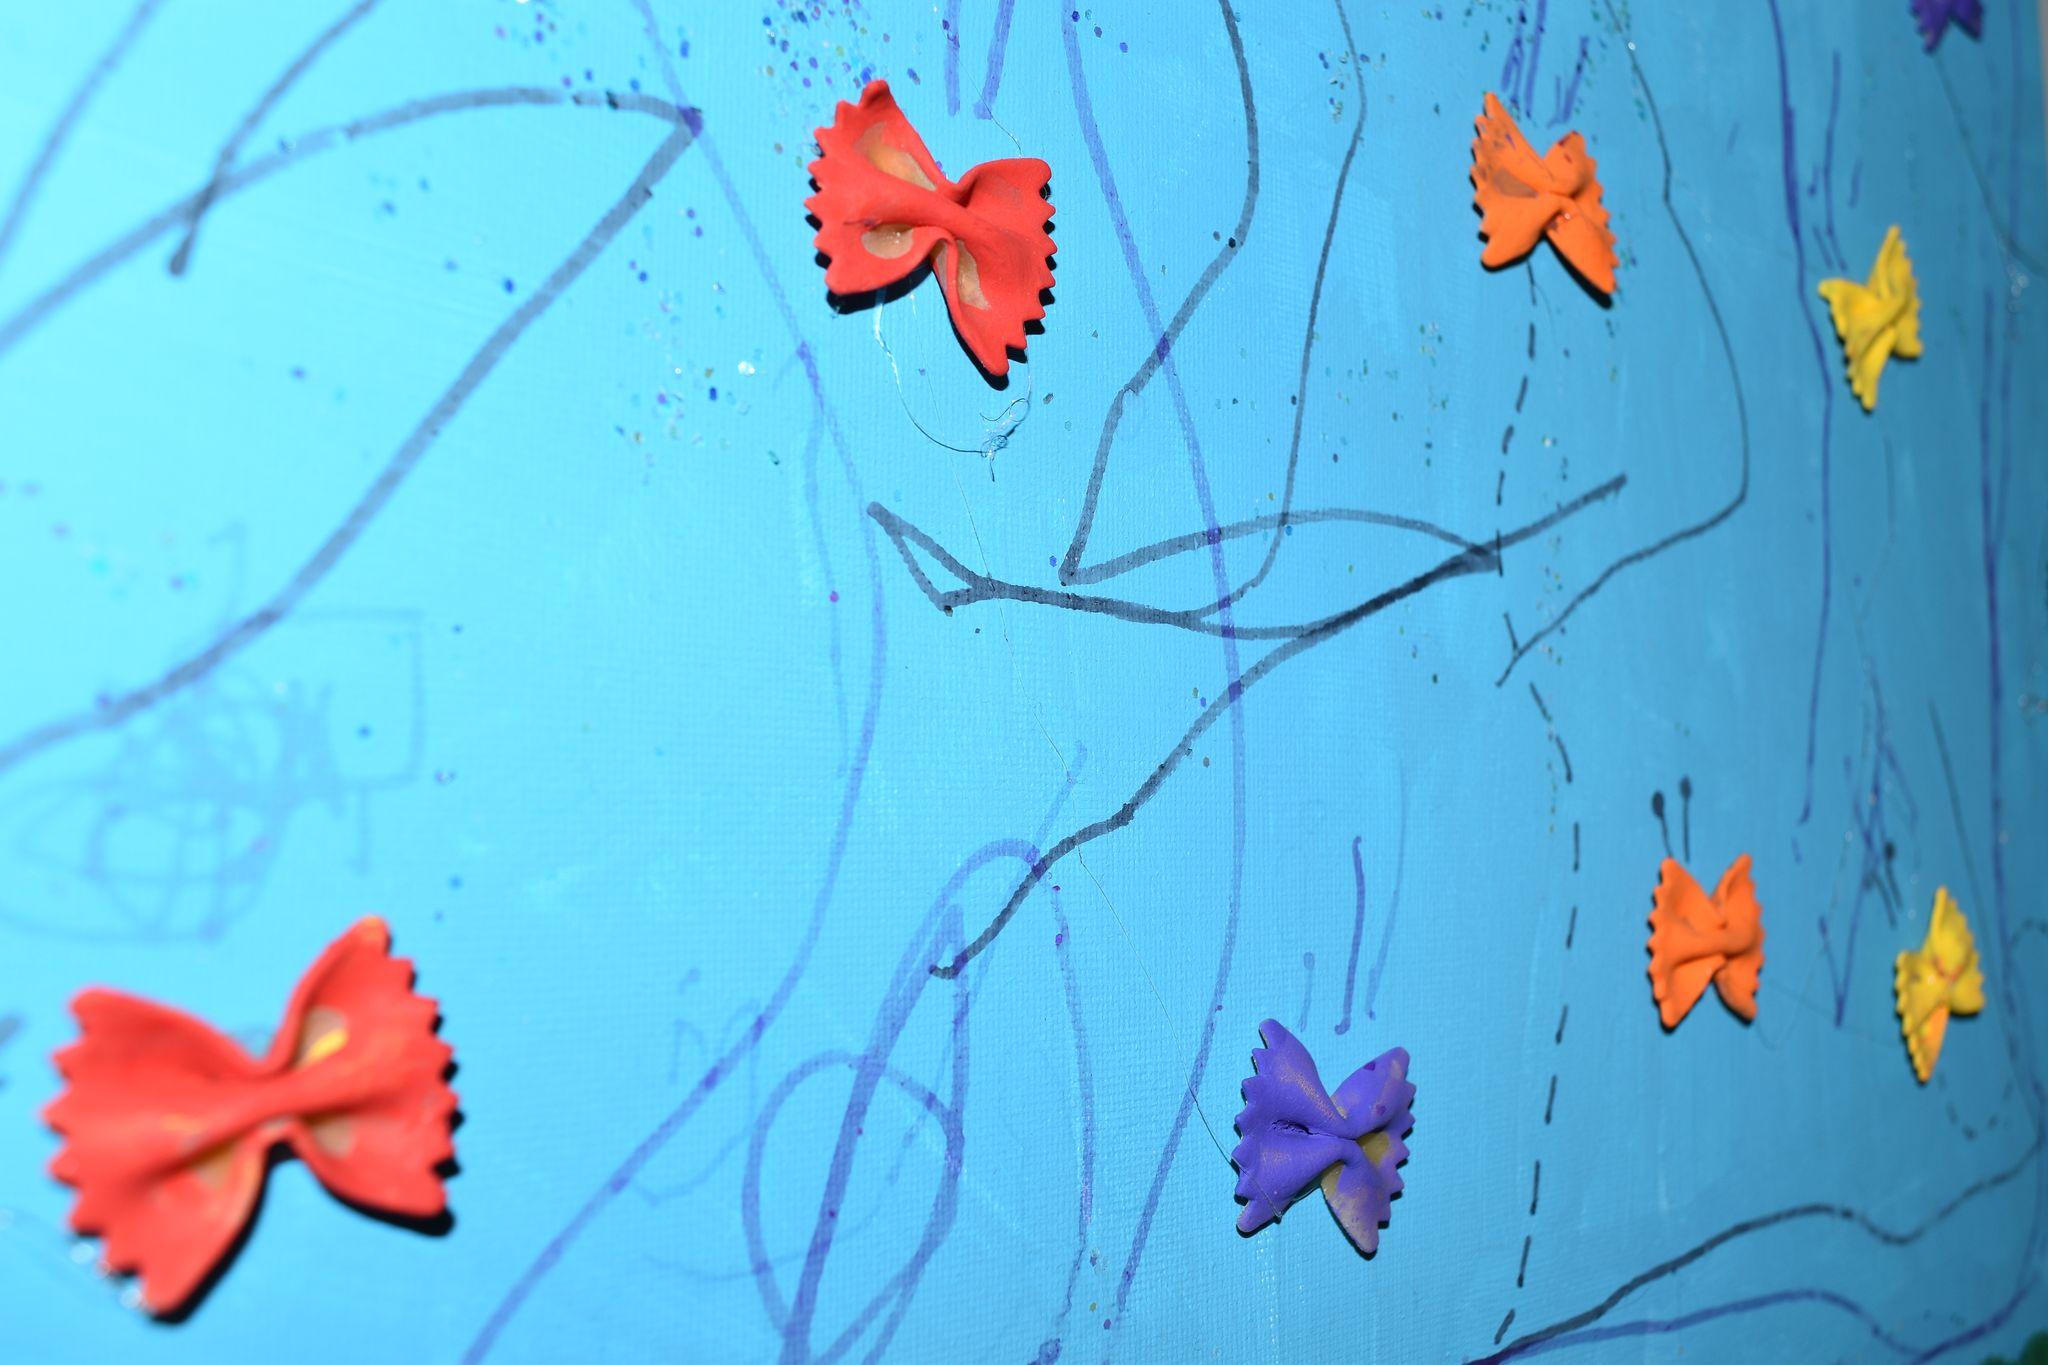 tableau-farfalle-detail